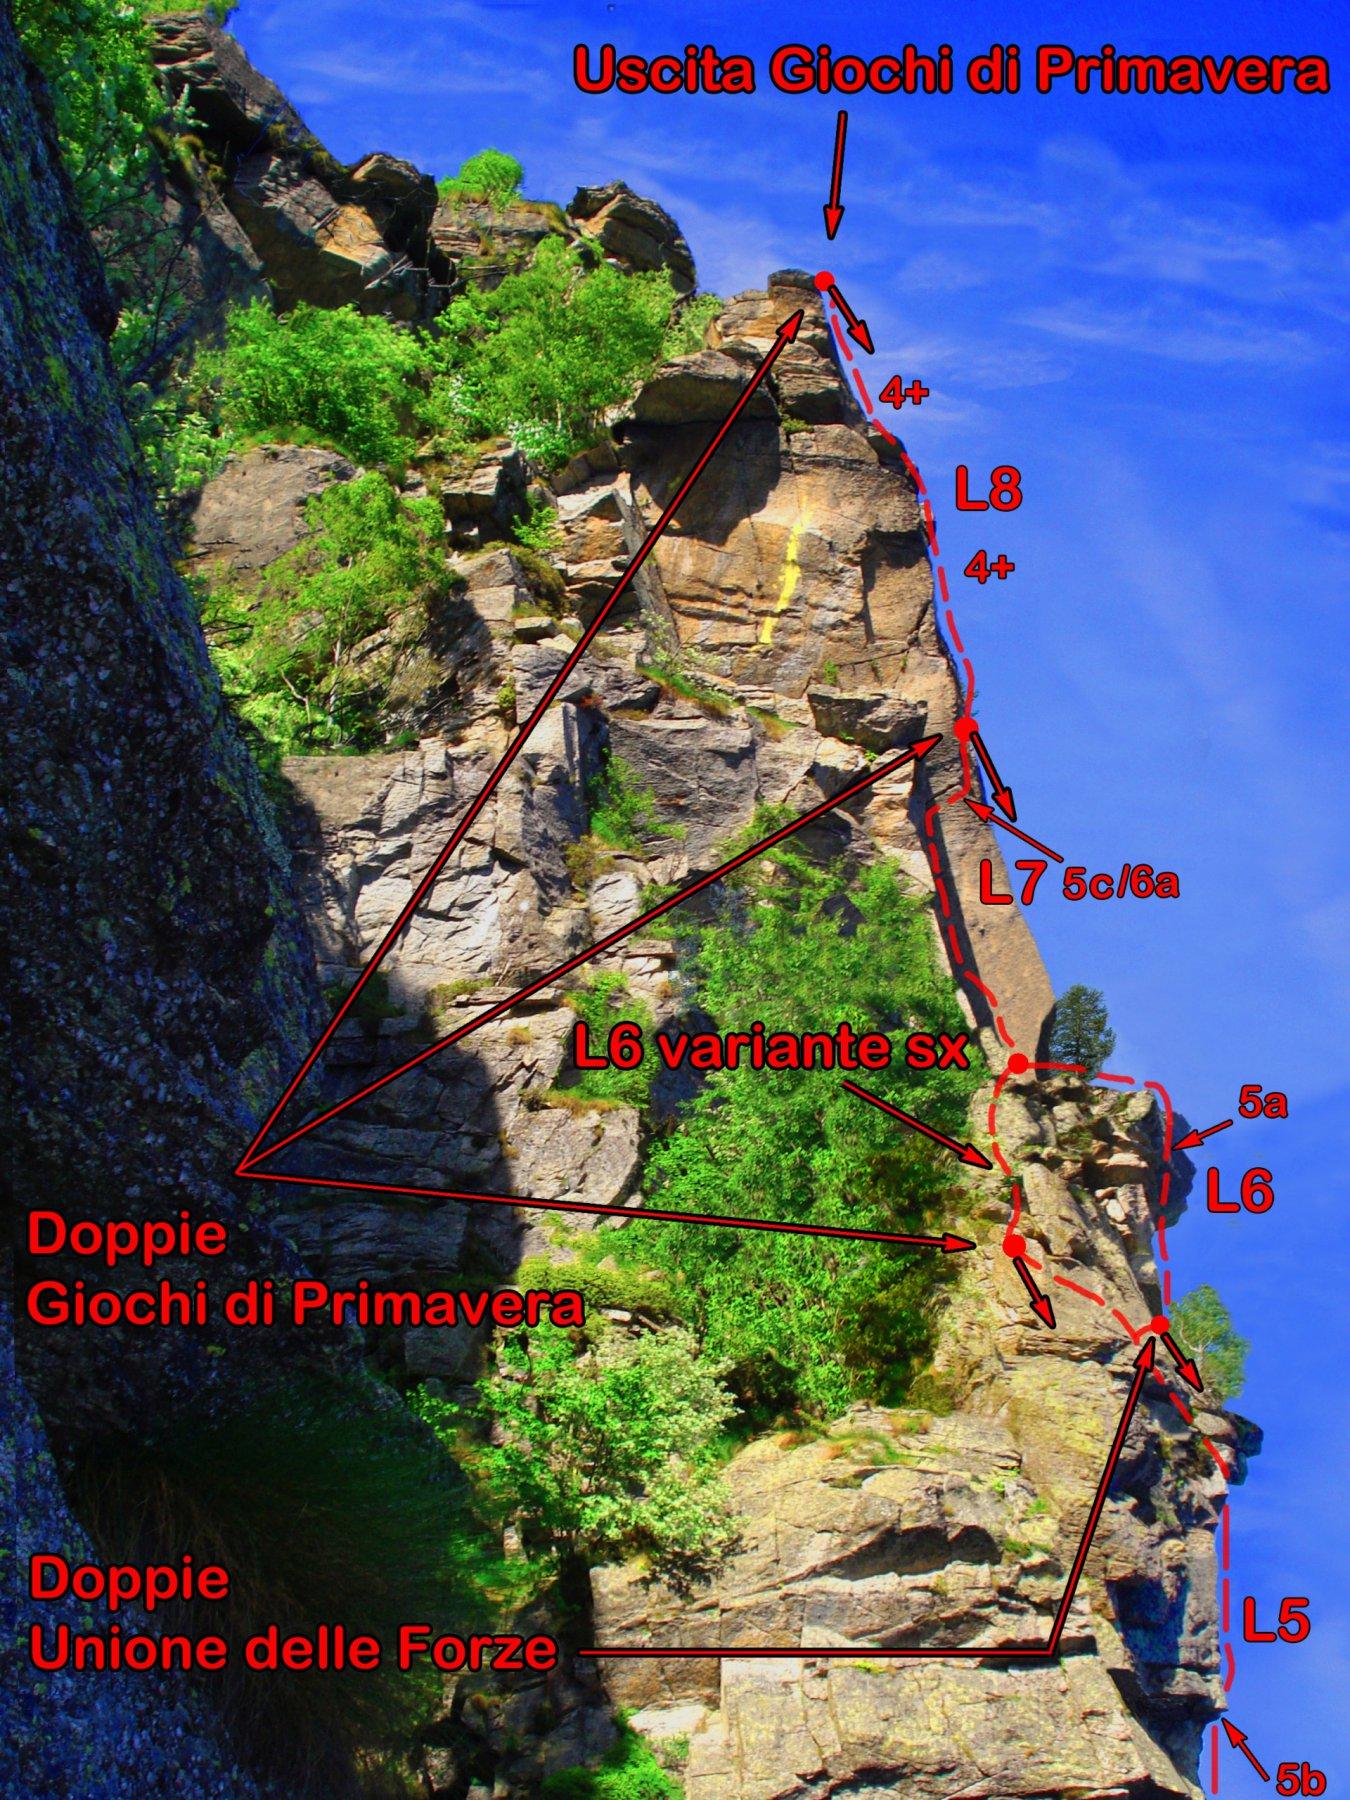 Parte alta concatenamento dal quinto all'ottavo tiro di Giochi di Primavera vista dal settore sx del Roc du Preve.